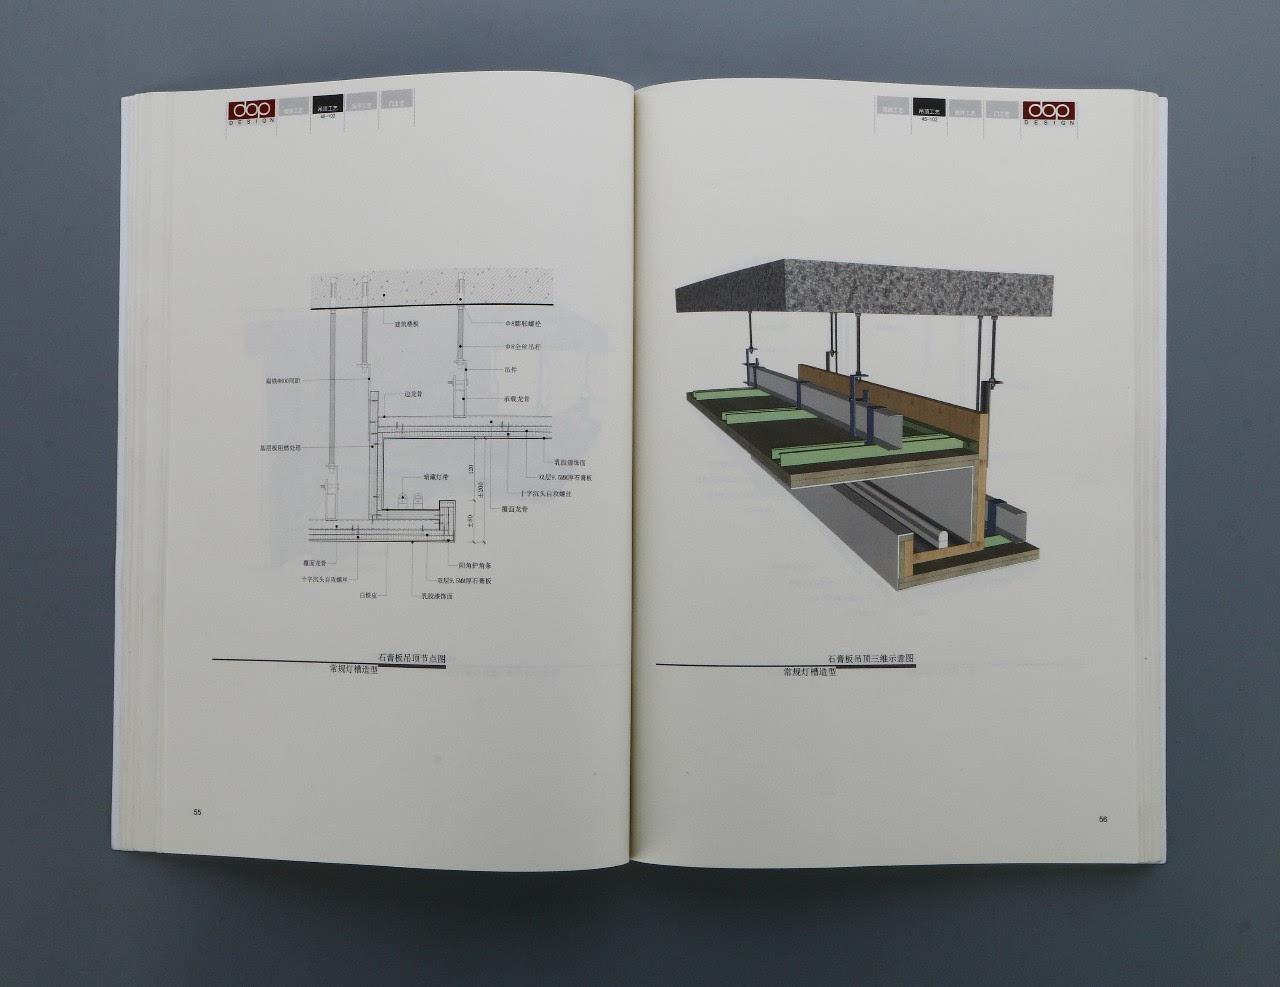 石膏板吊顶节点图——弧形石膏线灯槽造型-教你如何用完美细节造就